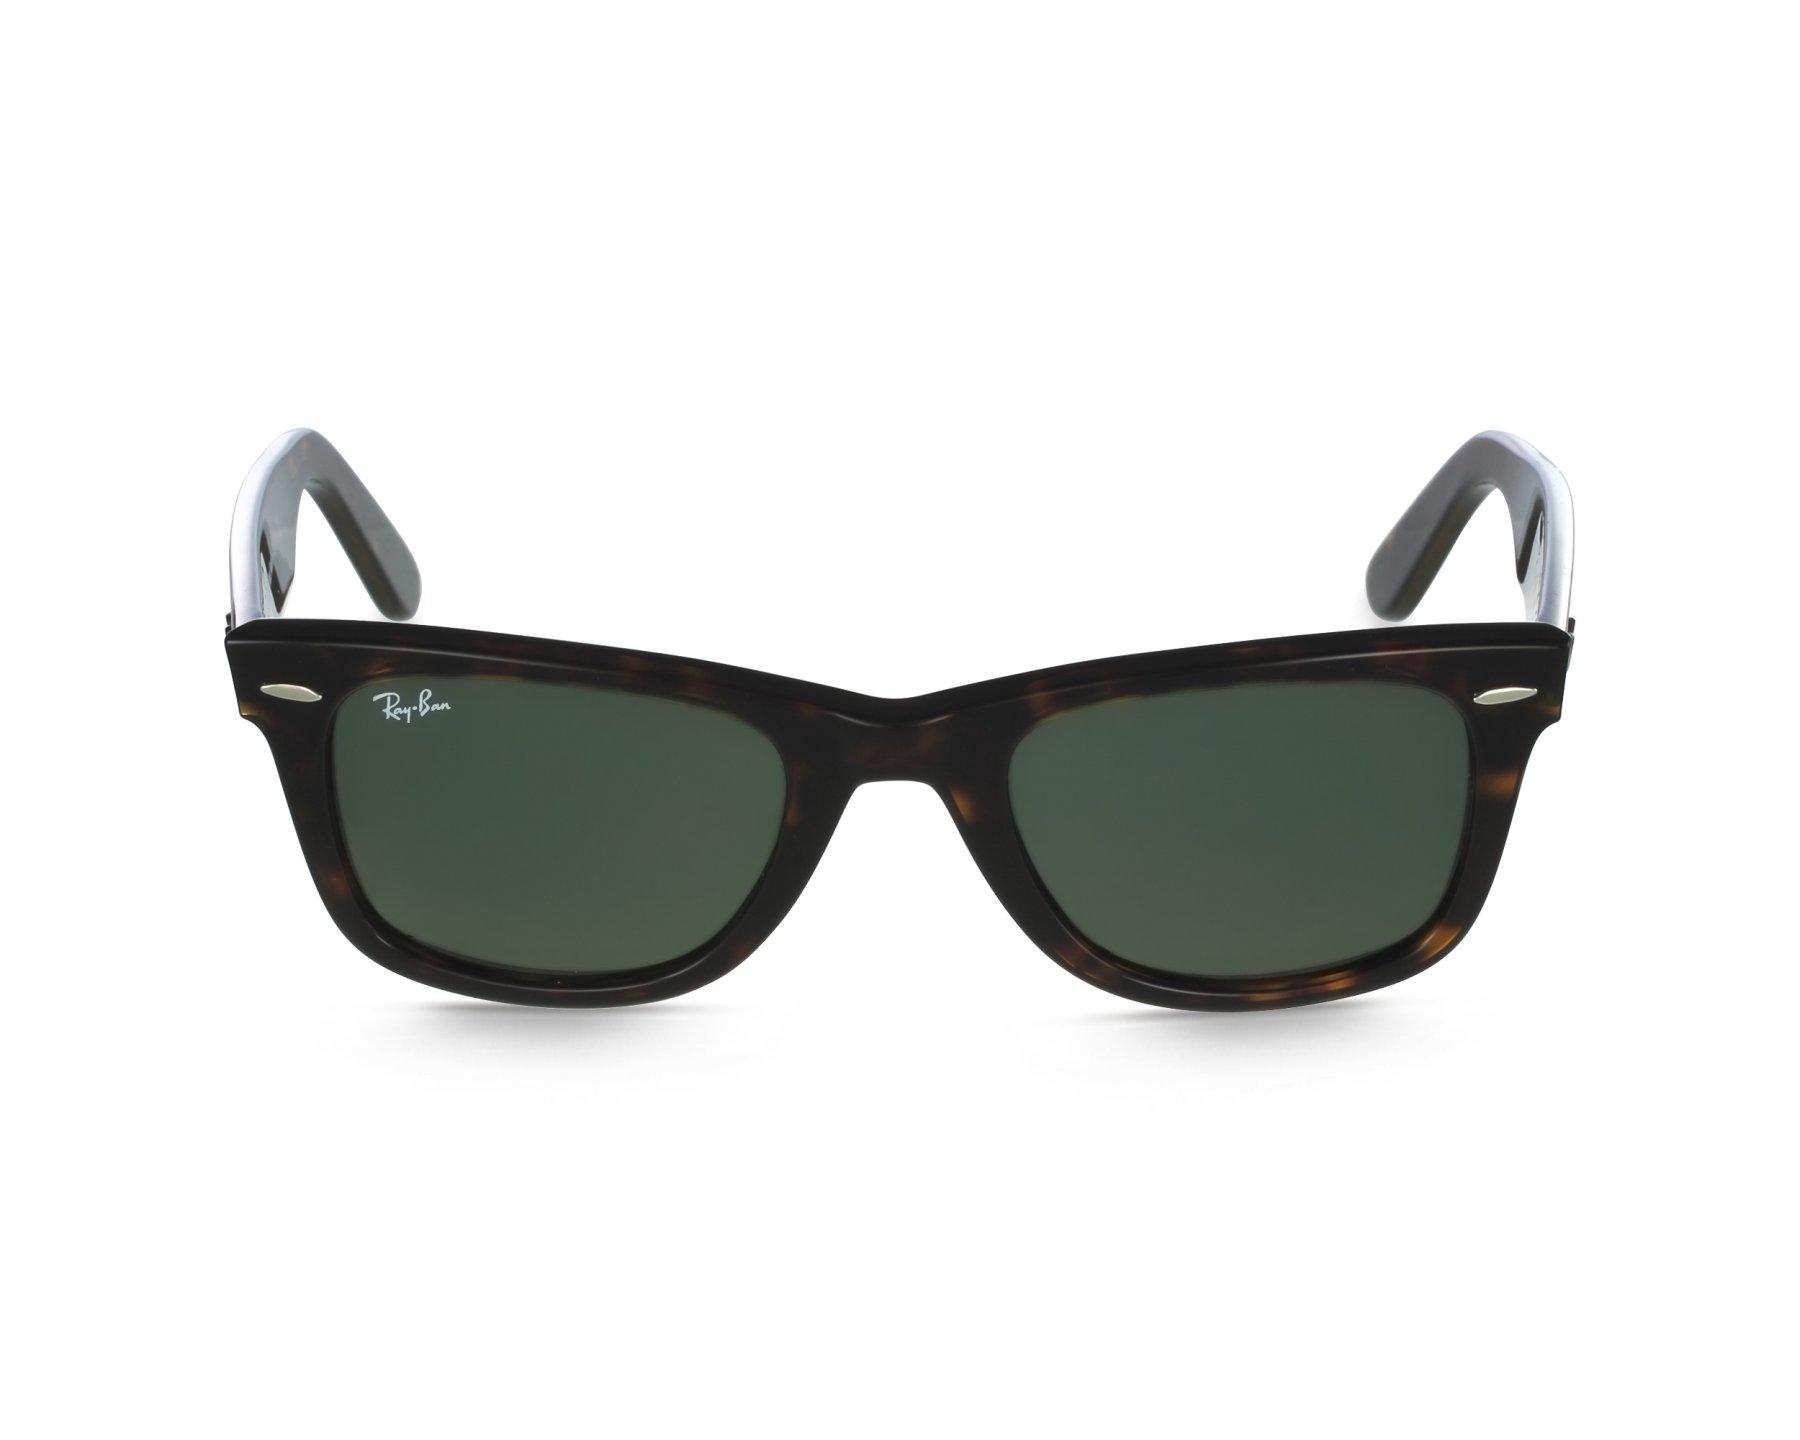 Ray-Ban RB2140 Sonnenbrille Jeans Braun Grau 11912X 50mm w5lBwP